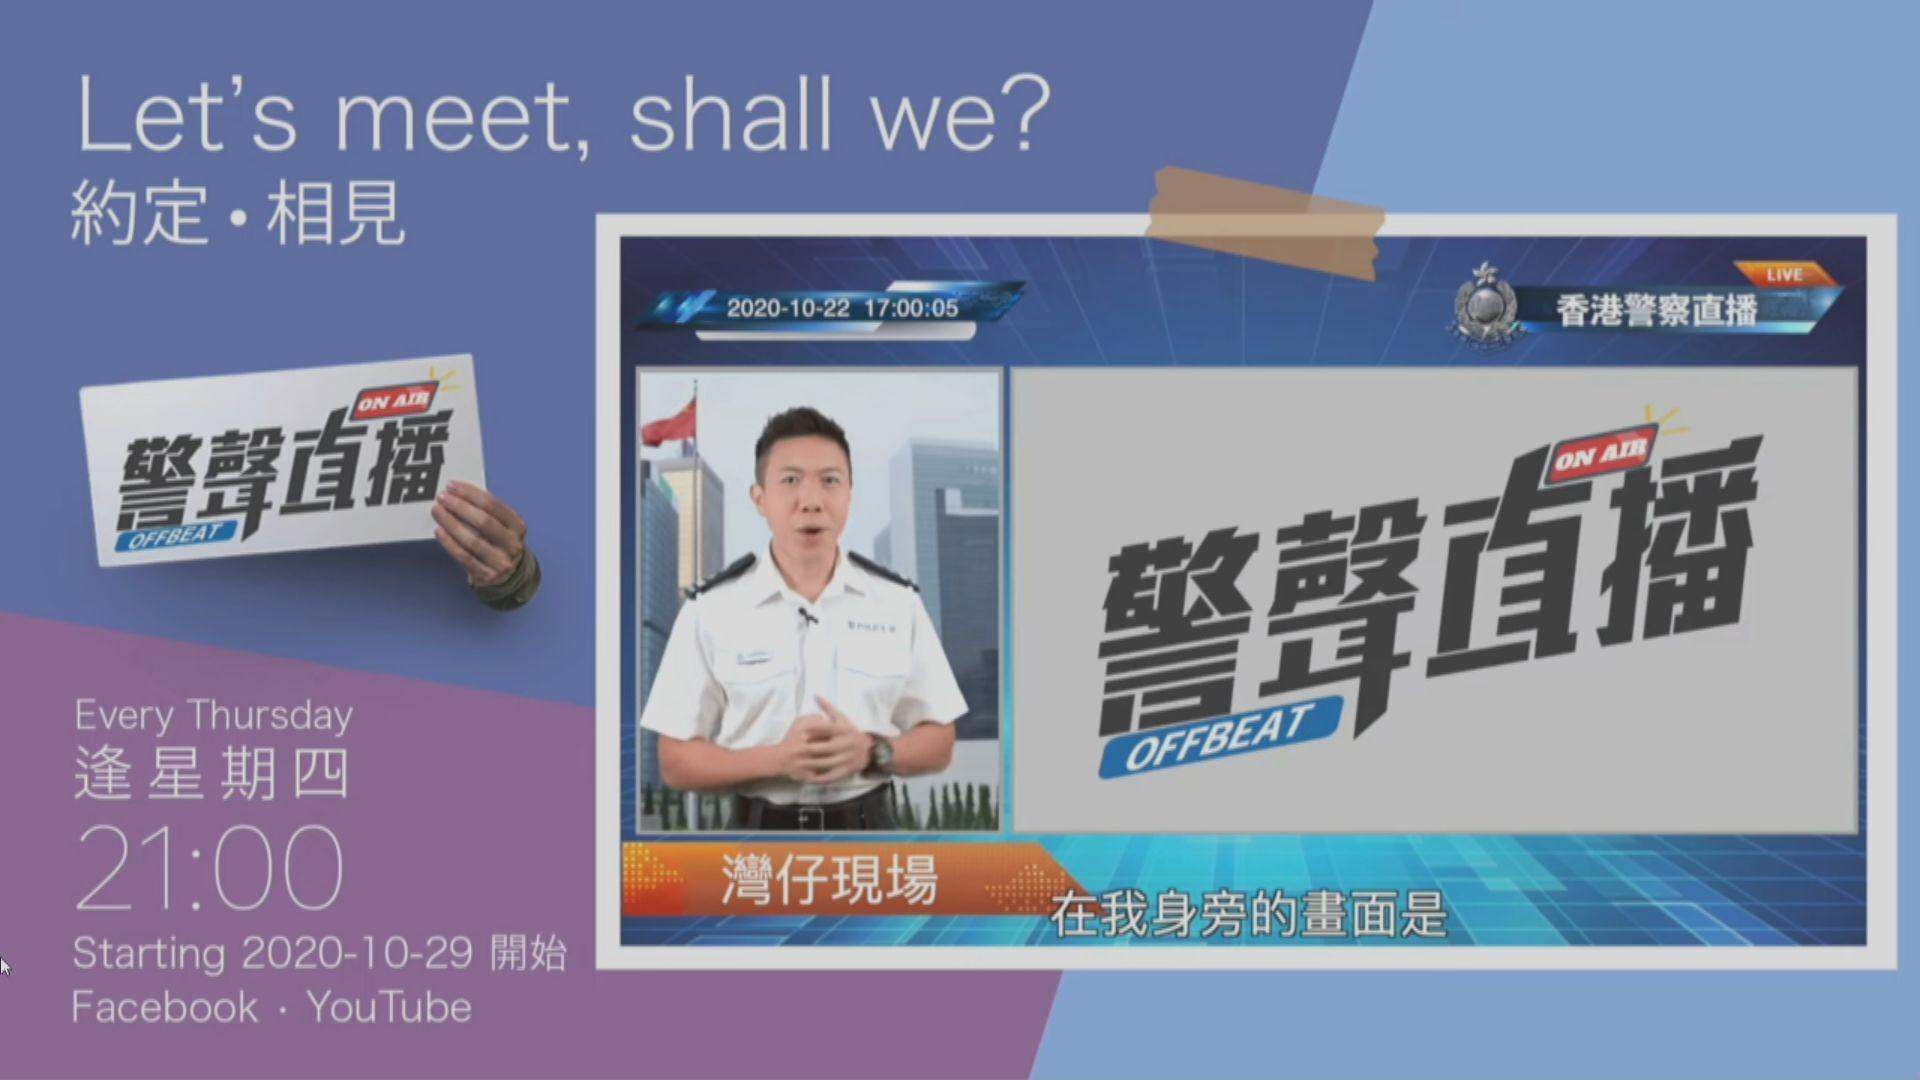 警方下周起逢星期四網上直播新節目《警聲直播》